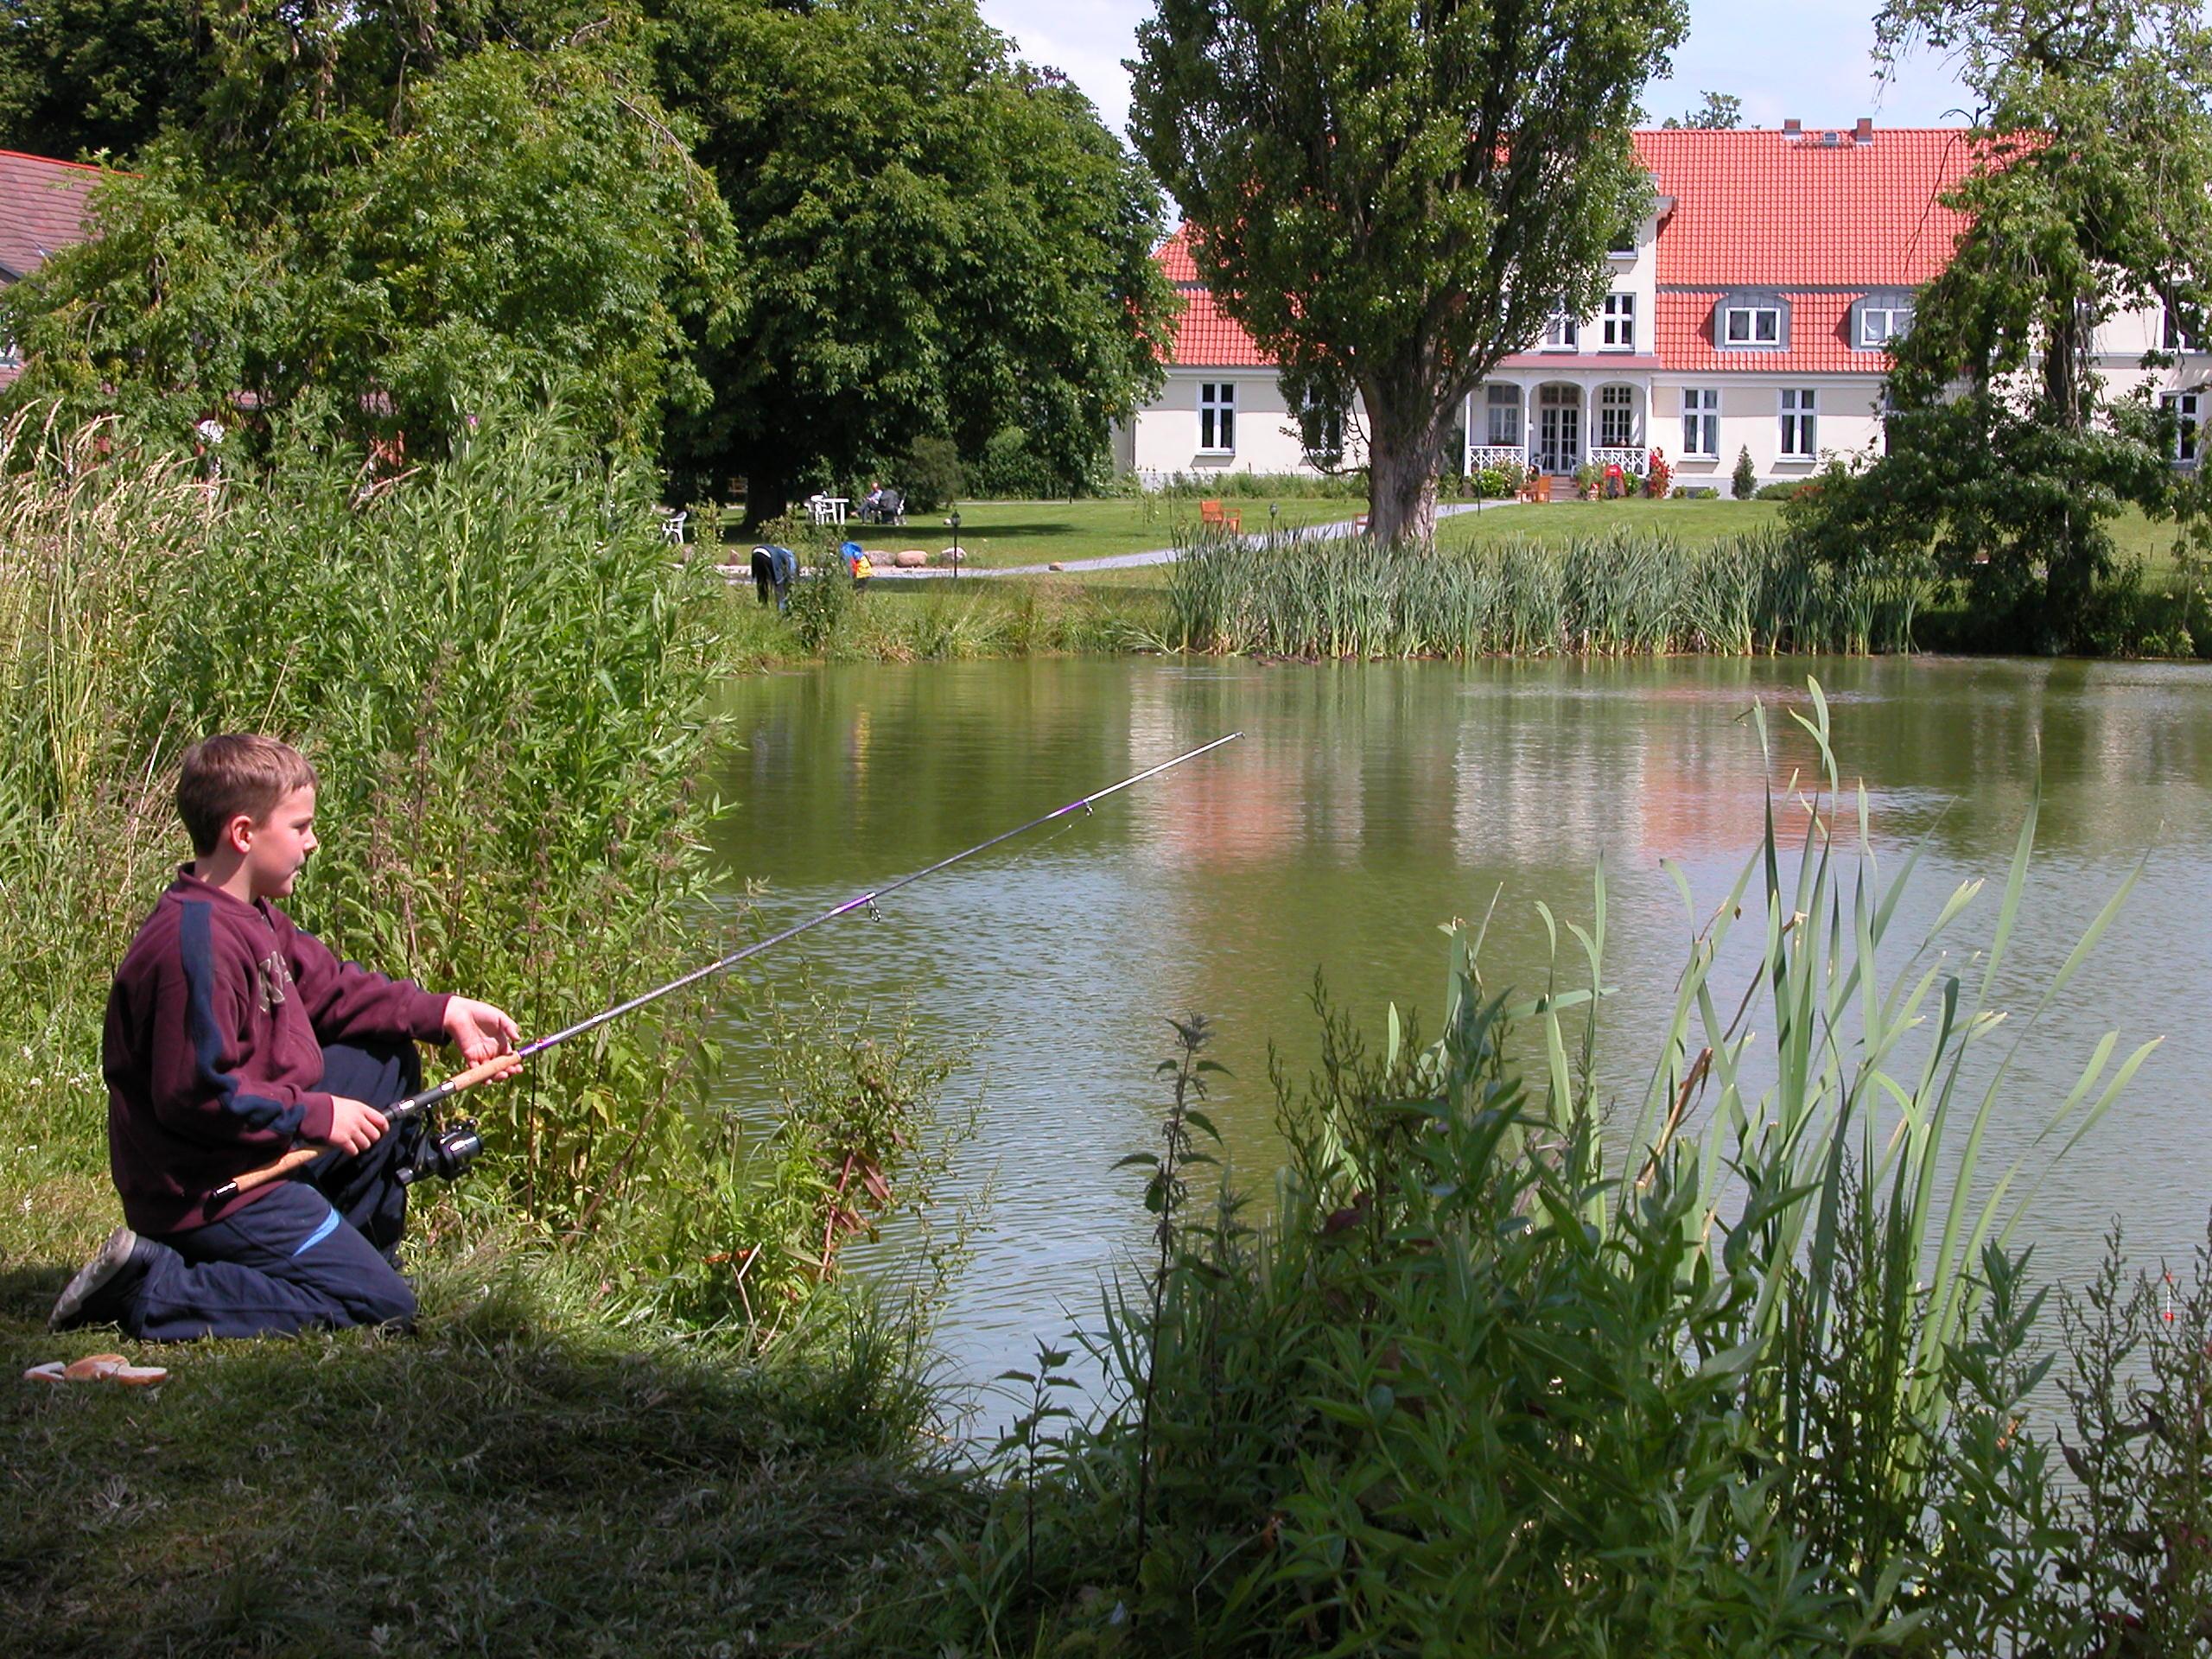 Spannende Angelerfahrungen sammeln - Landgut Lischow